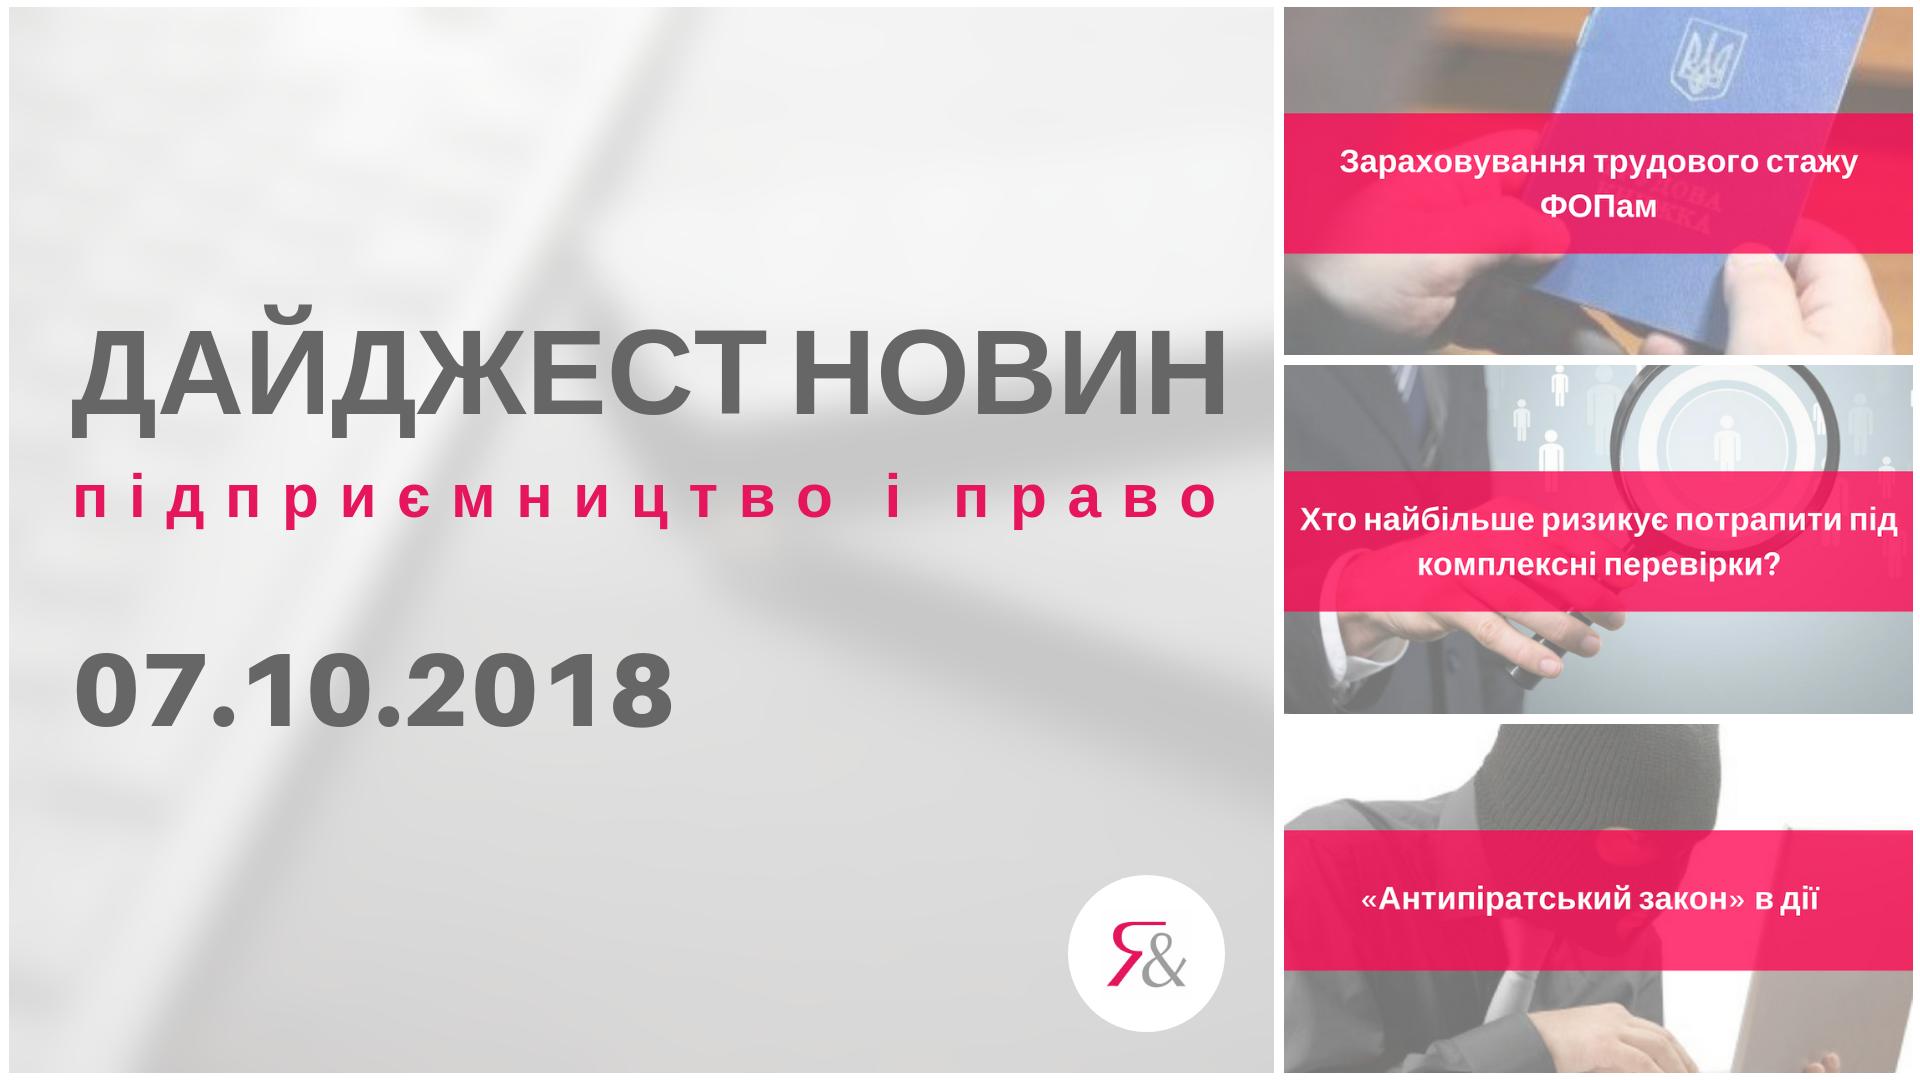 Дайджест нoвин «Підприємництво і право» з 01.10.2018 пo 07.10.2018